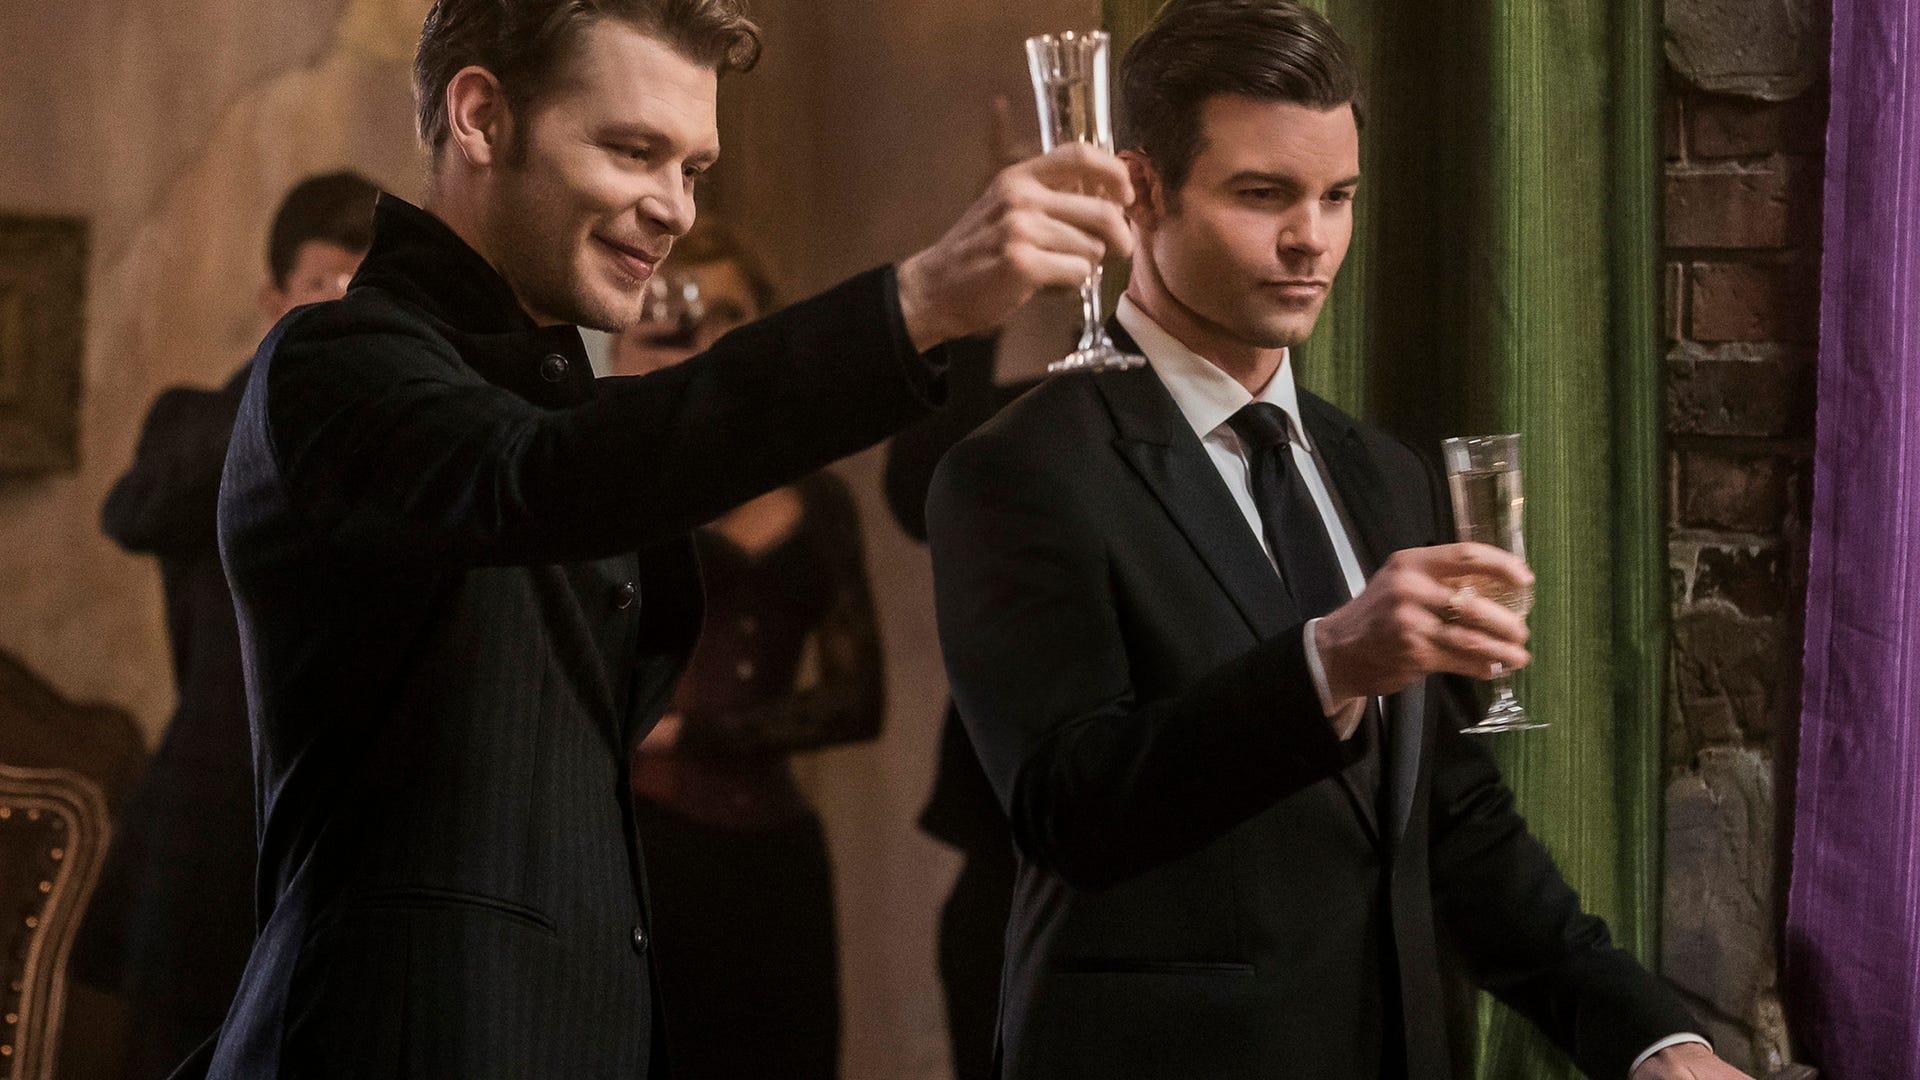 Joseph Morgan and Daniel Gillies, The Originals